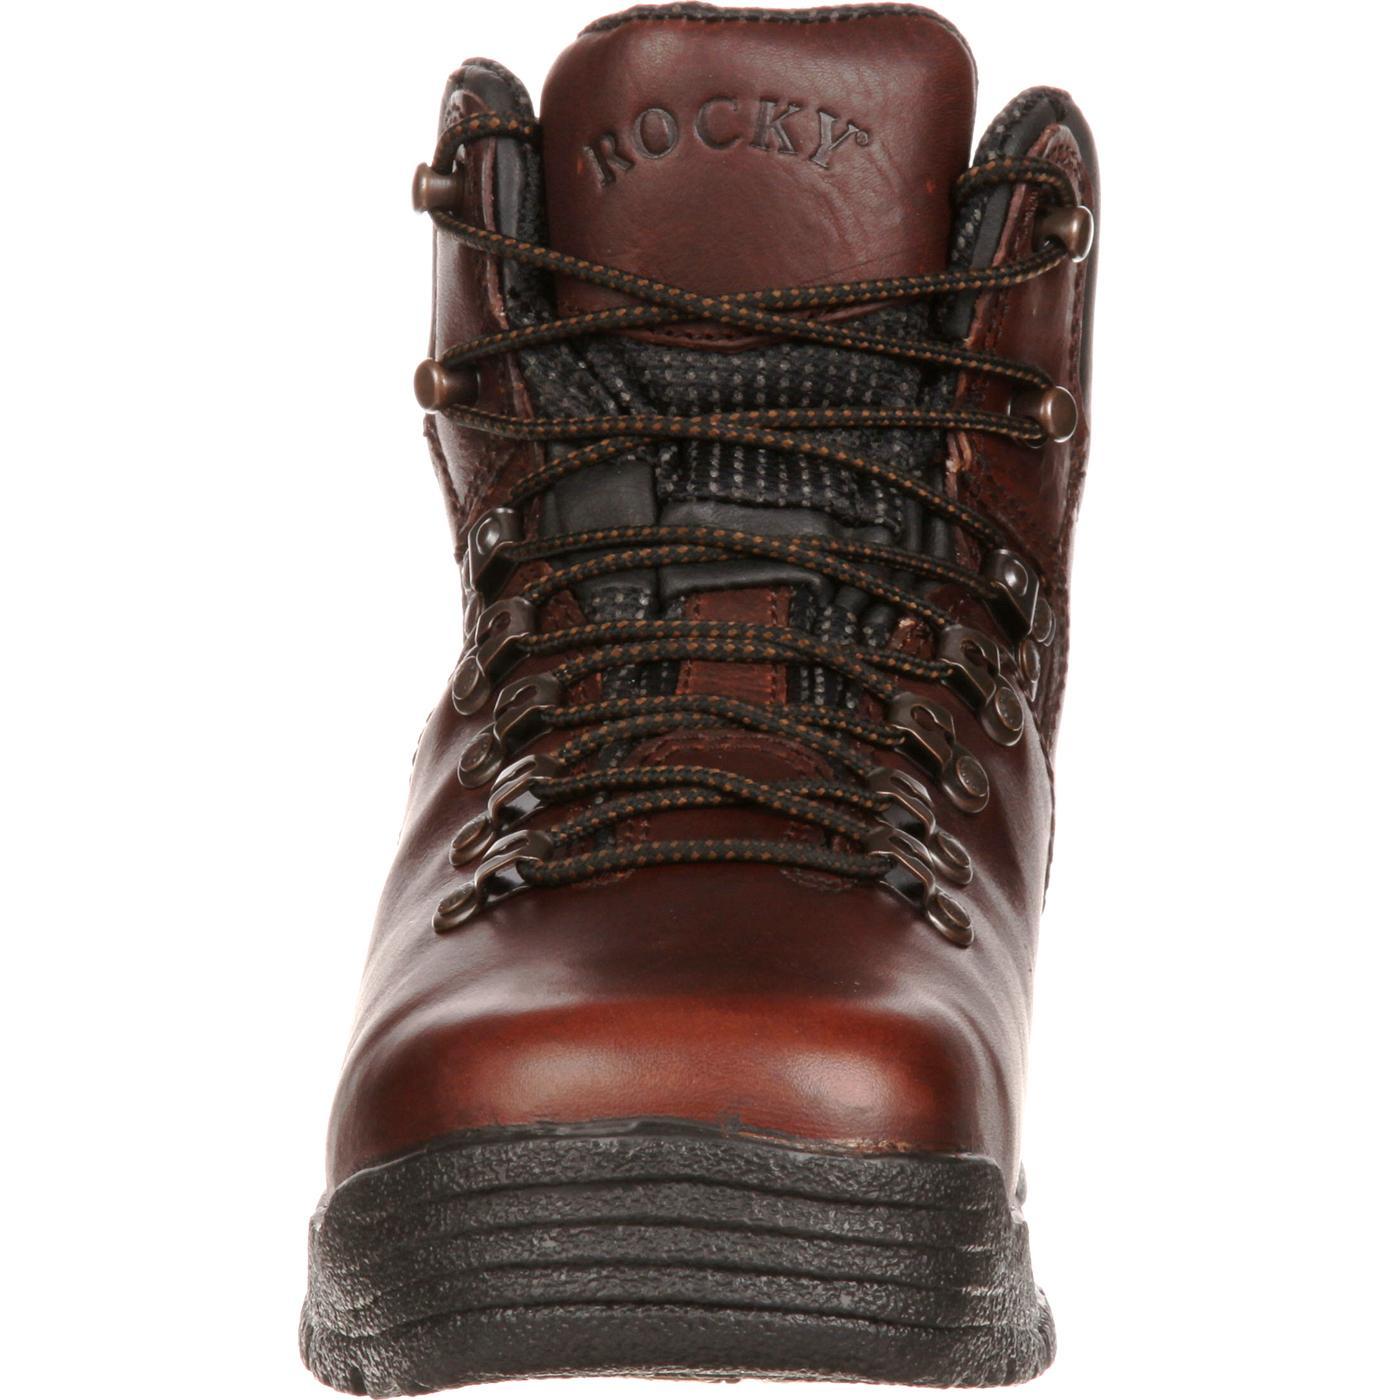 79160f30592 Rocky MobiLite Steel Toe Waterproof Work Boots